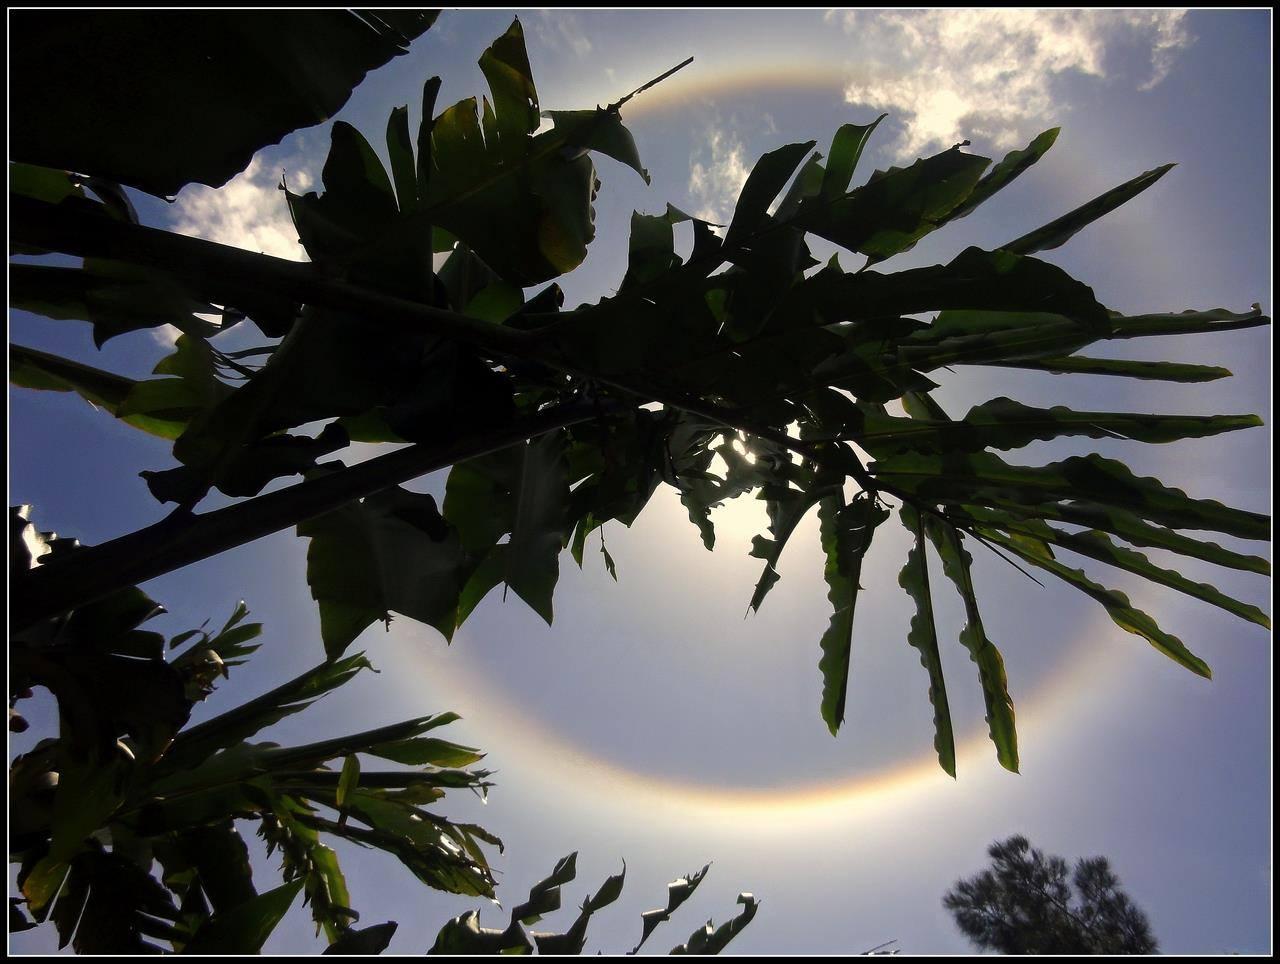 halo solaire observé à la réunion